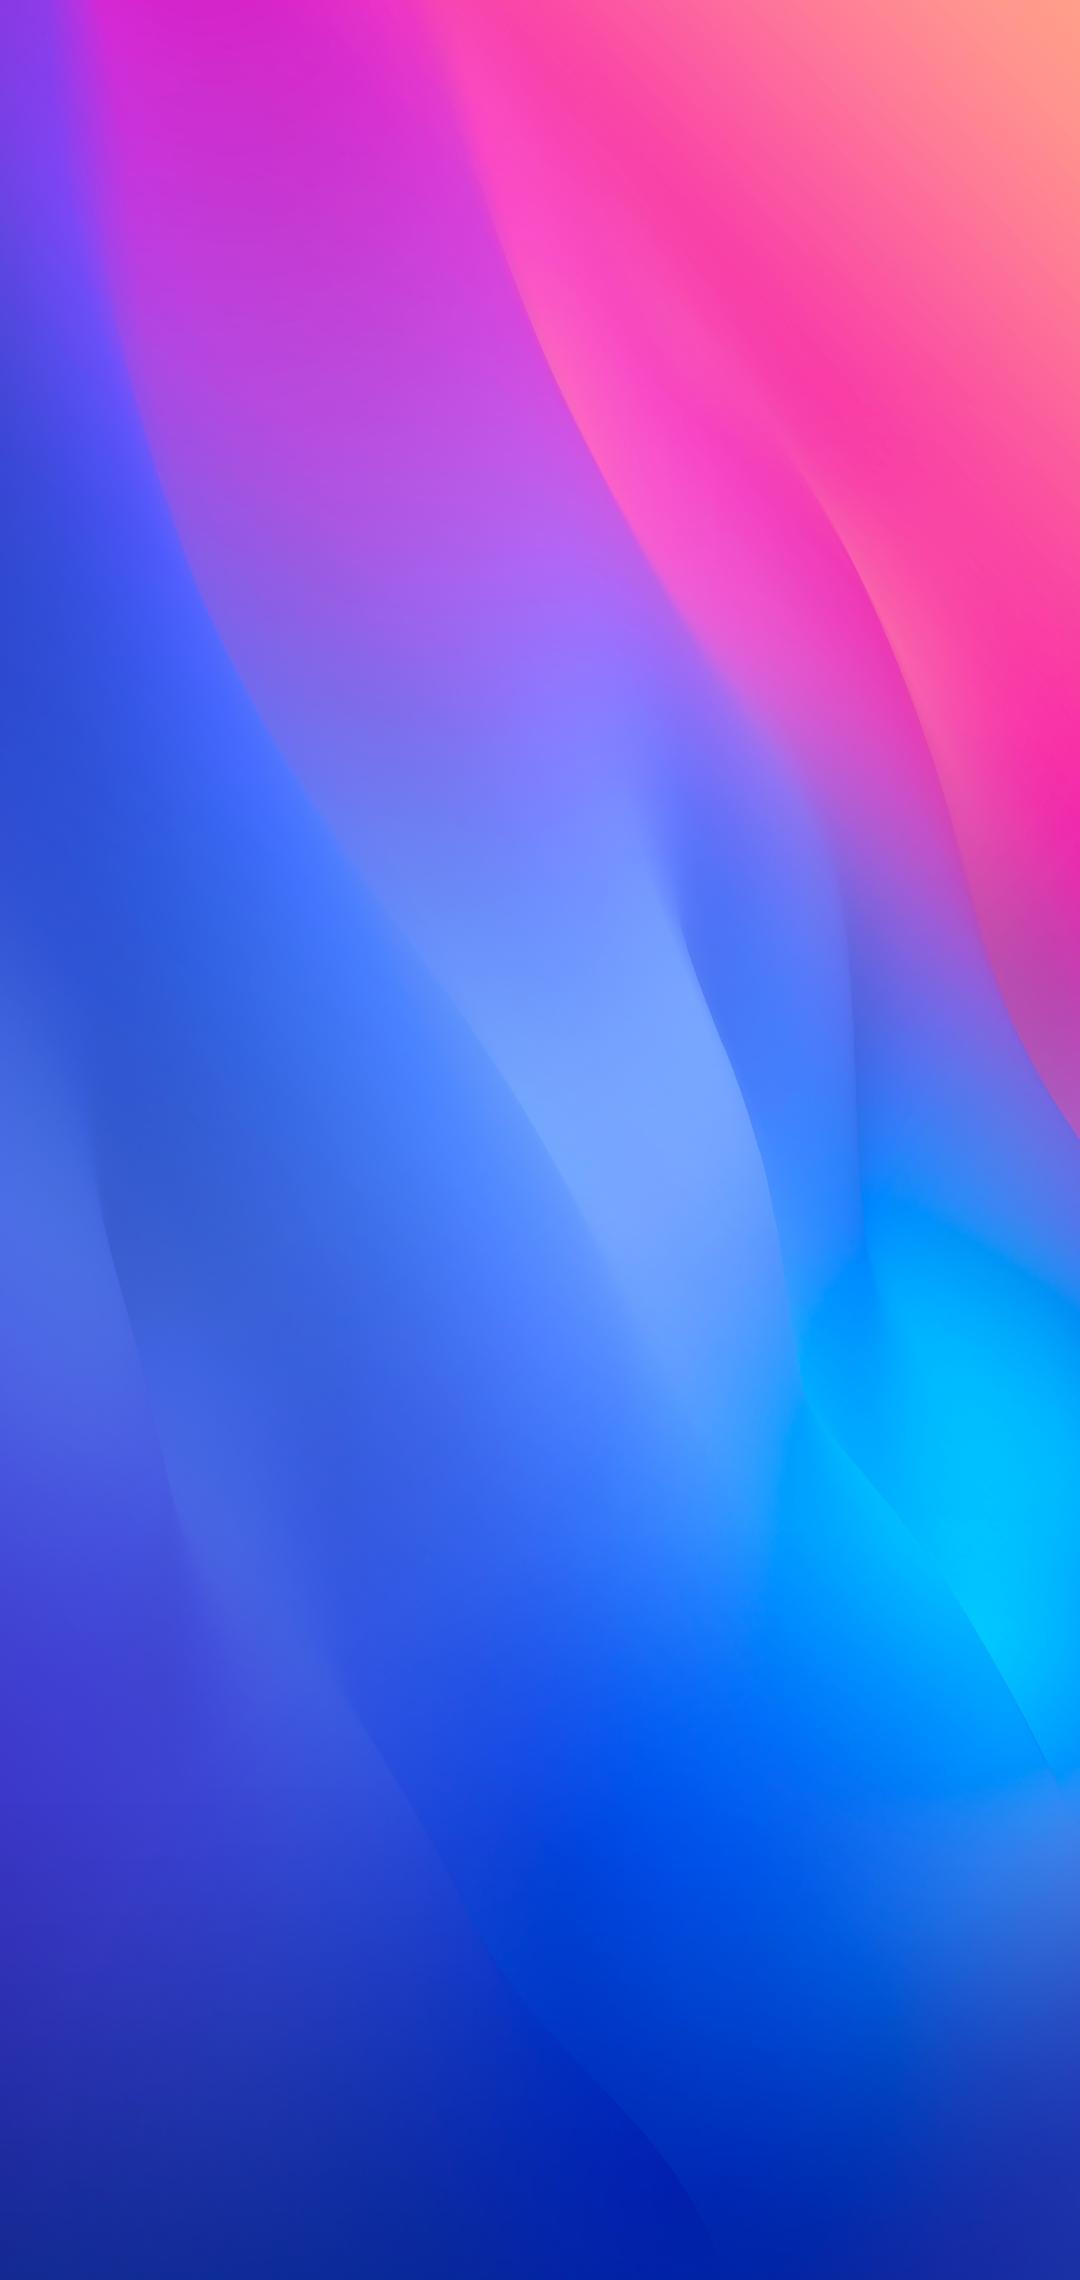 vivo_x21_wall_02.jpg